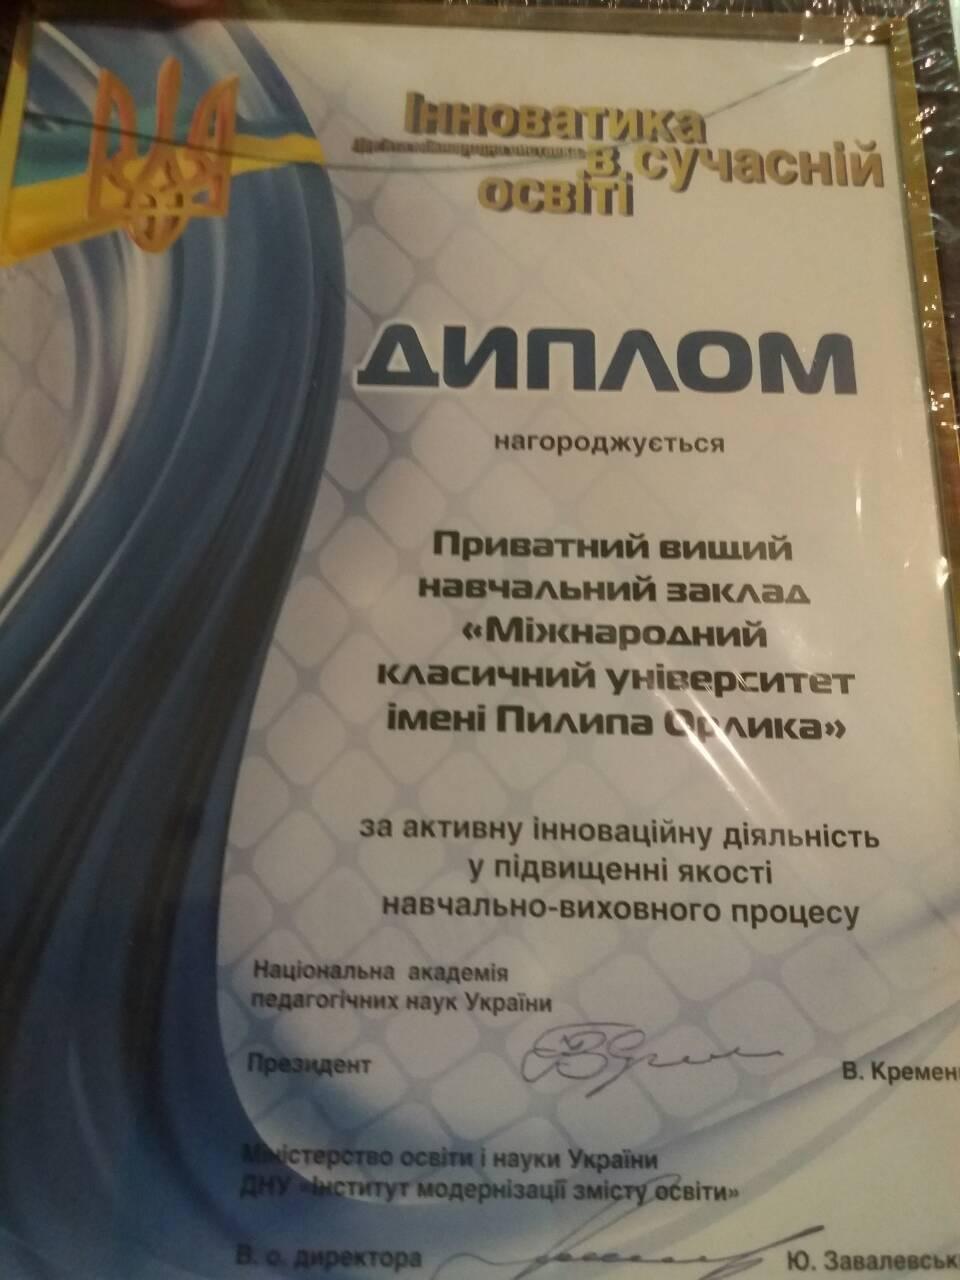 Университет имени Пилипа Орлика награждён в Киеве золотой медалью победителя Международной выставки «Инноватика в современном образовании», фото-2